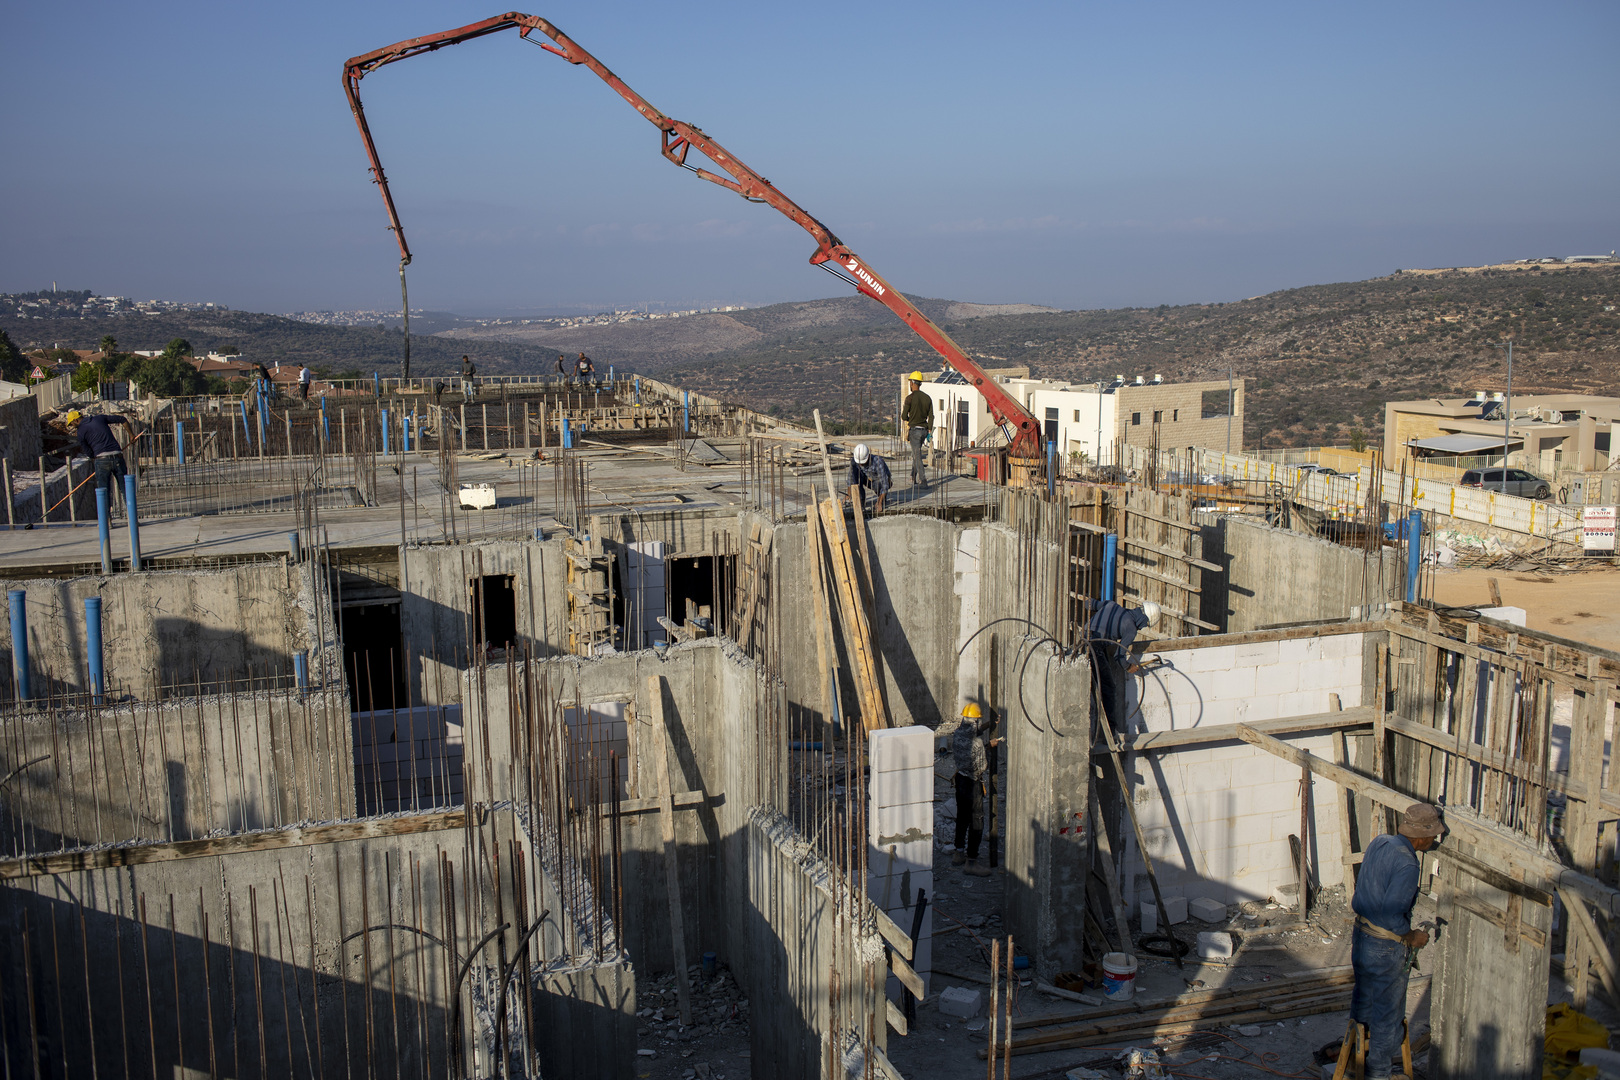 إسرائيل تصادق على بناء نحو 3 آلاف وحدة استيطانية جديدة في الضفة